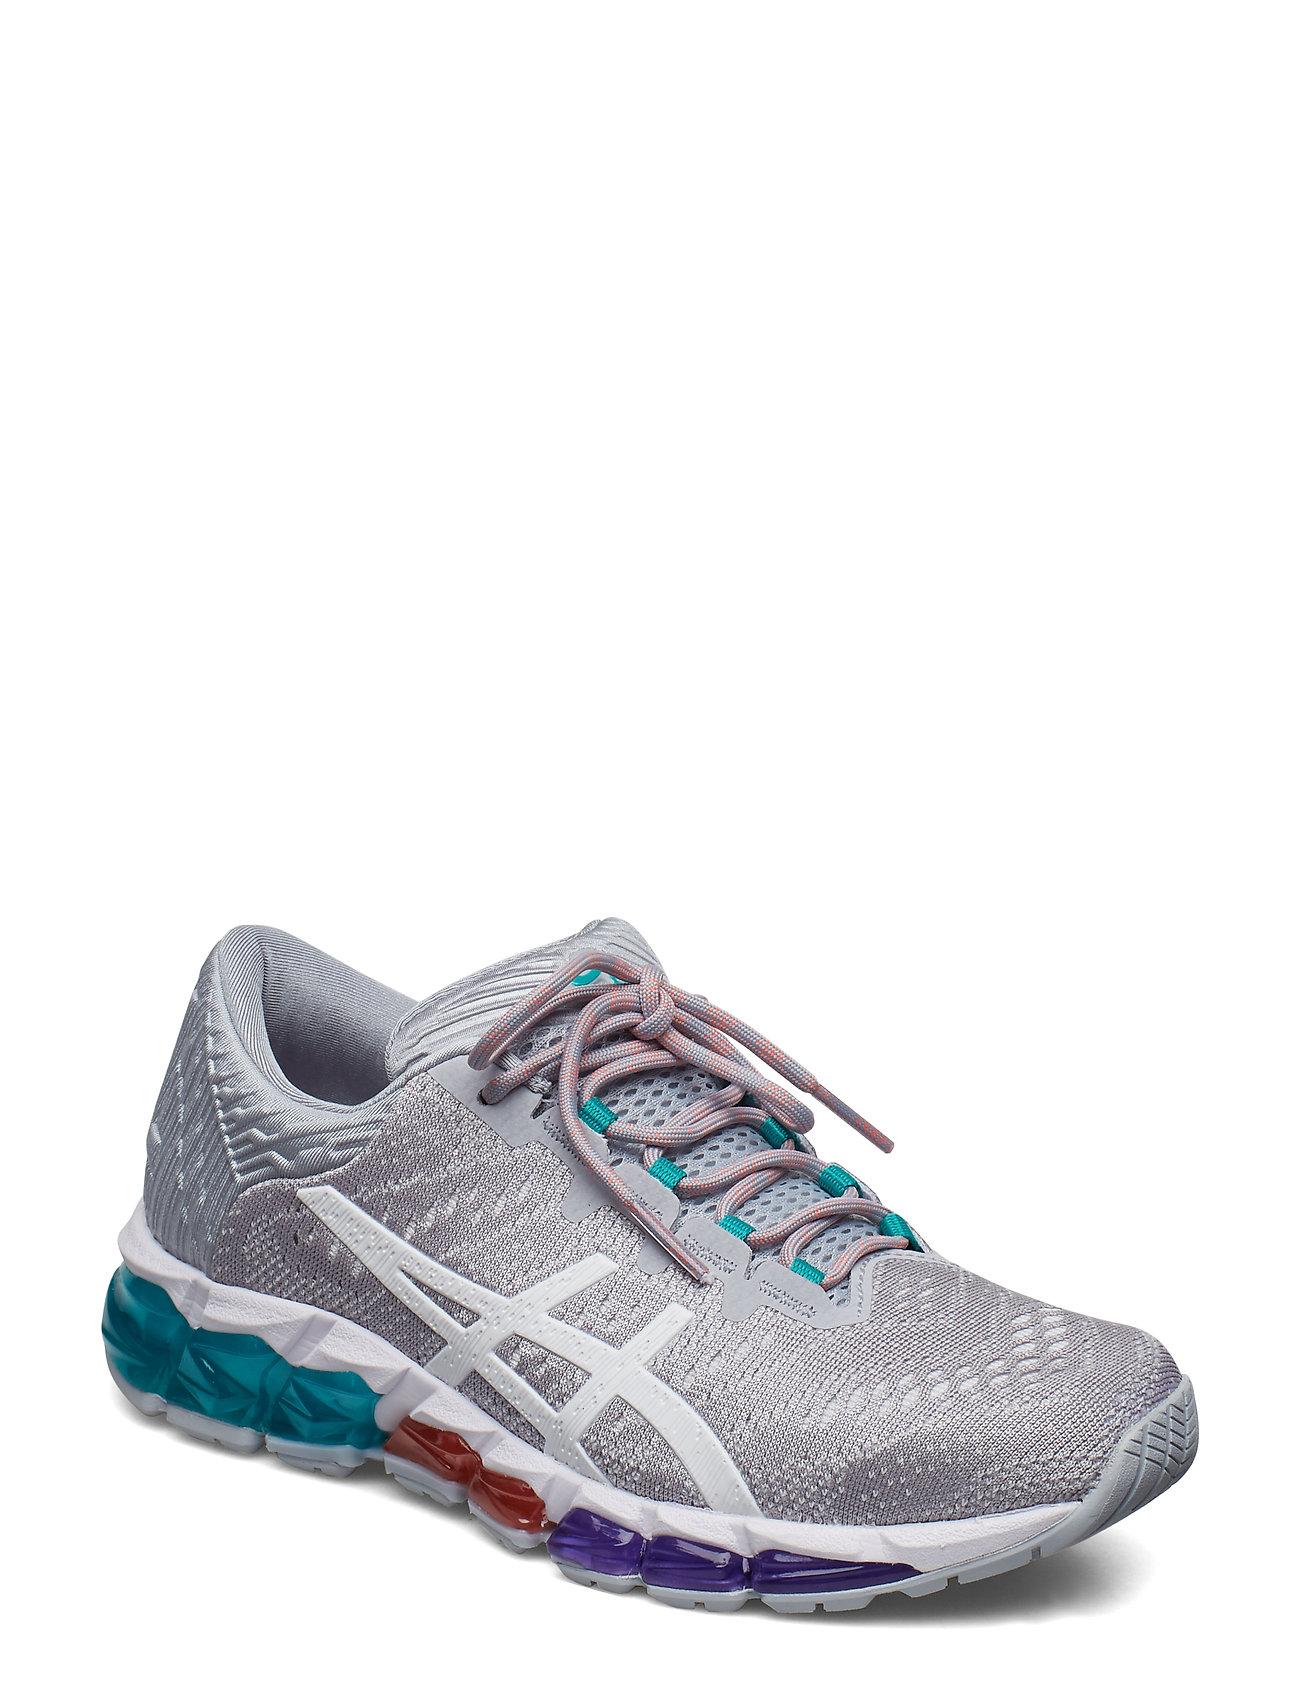 ASICS Gel-Quantum 360 5 Jcq Shoes Sport Shoes Running Shoes Grau ASICS